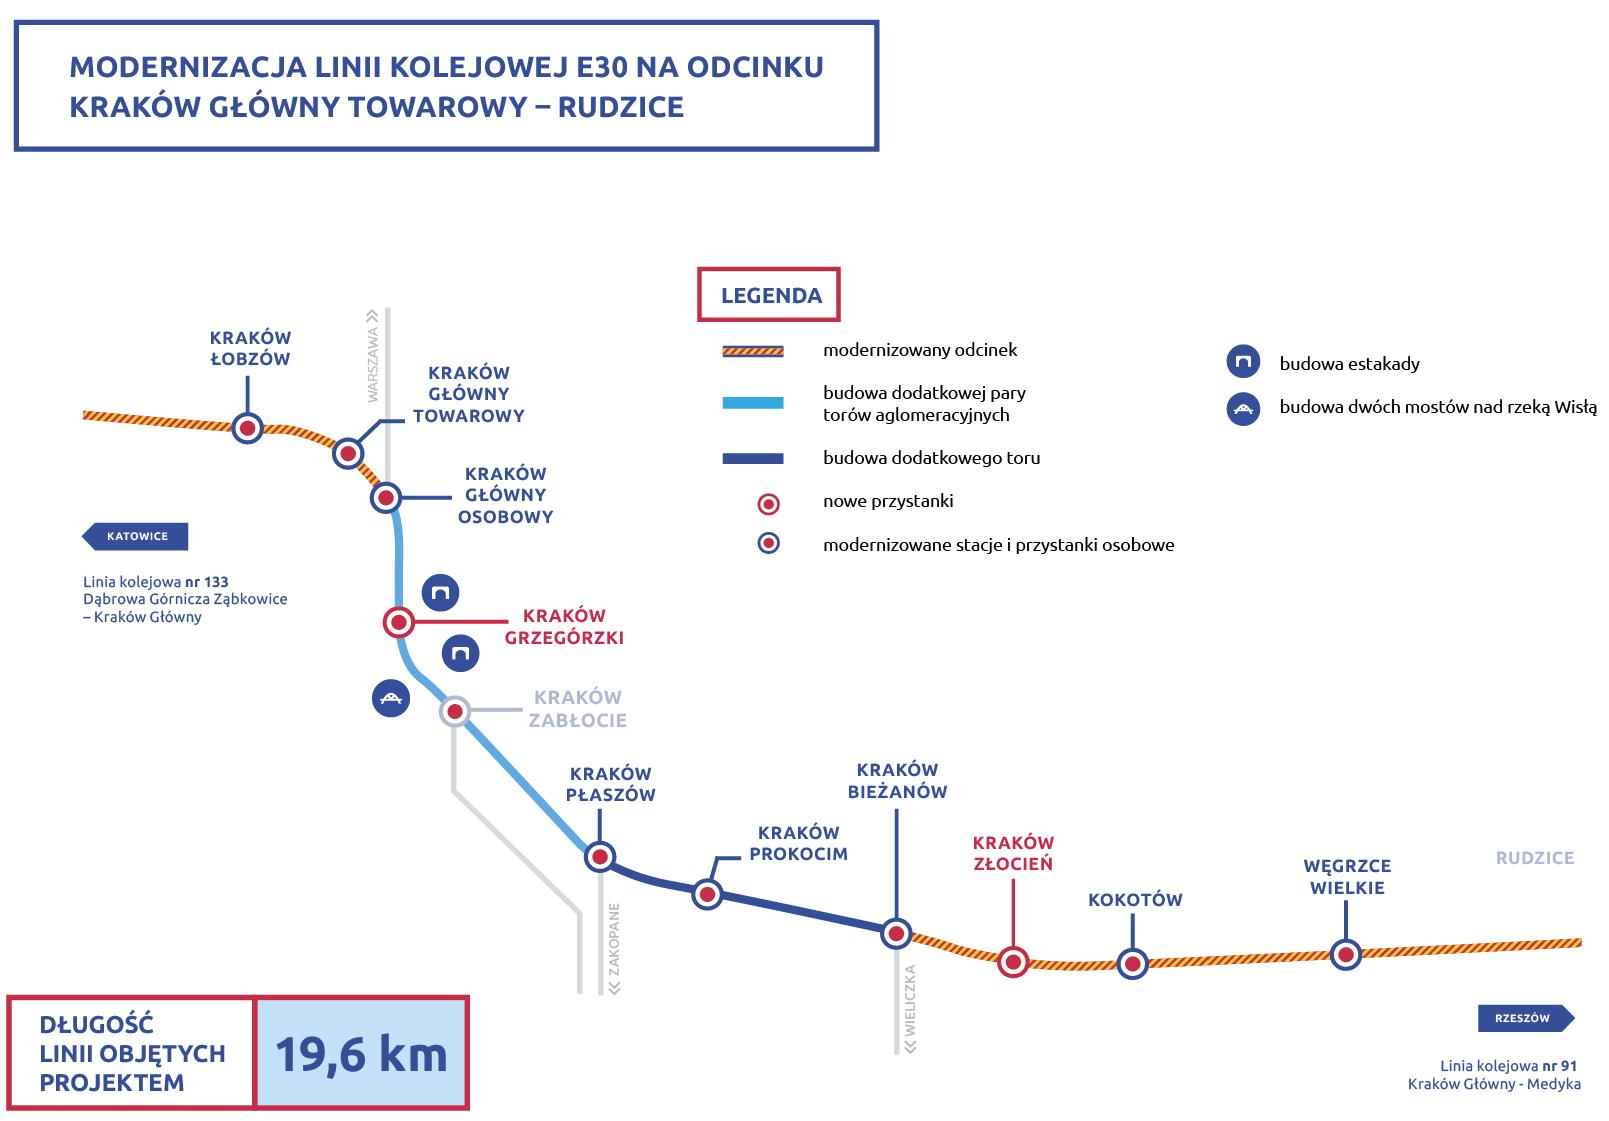 mapa projektu Kraków-Rudzice